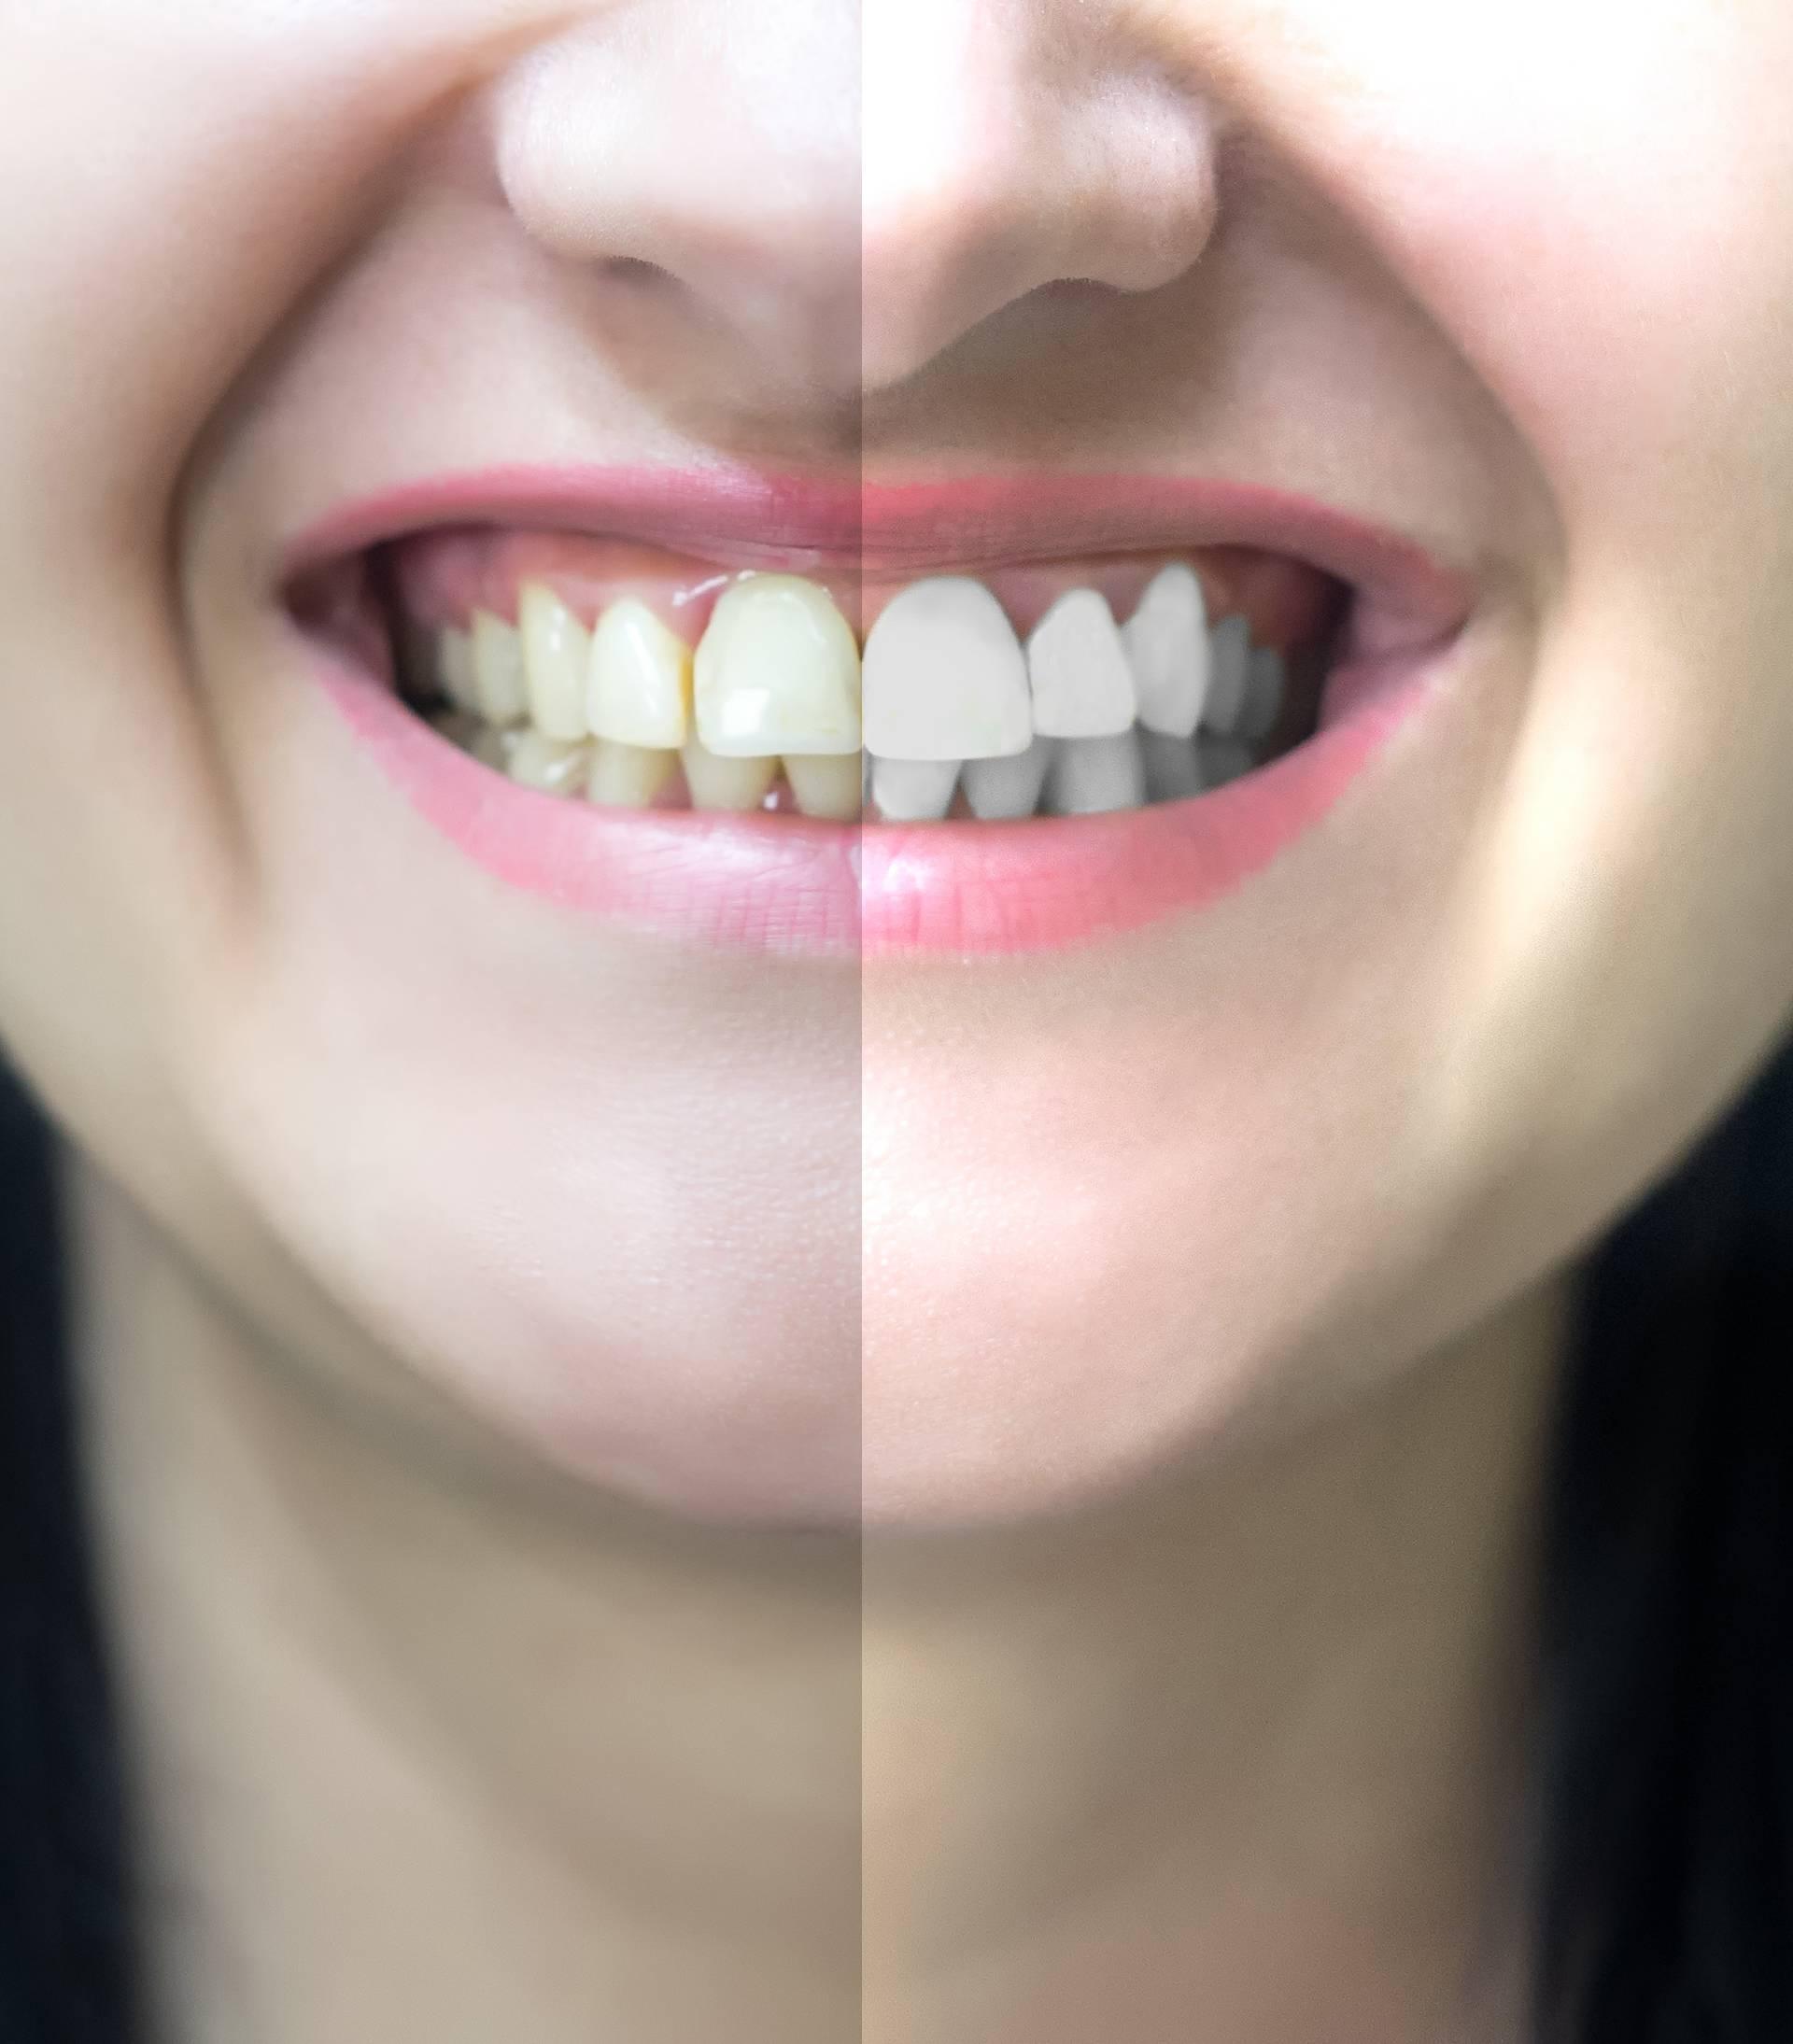 Ovo su razlozi zbog kojih imate žute zube, a ne biserno bijele